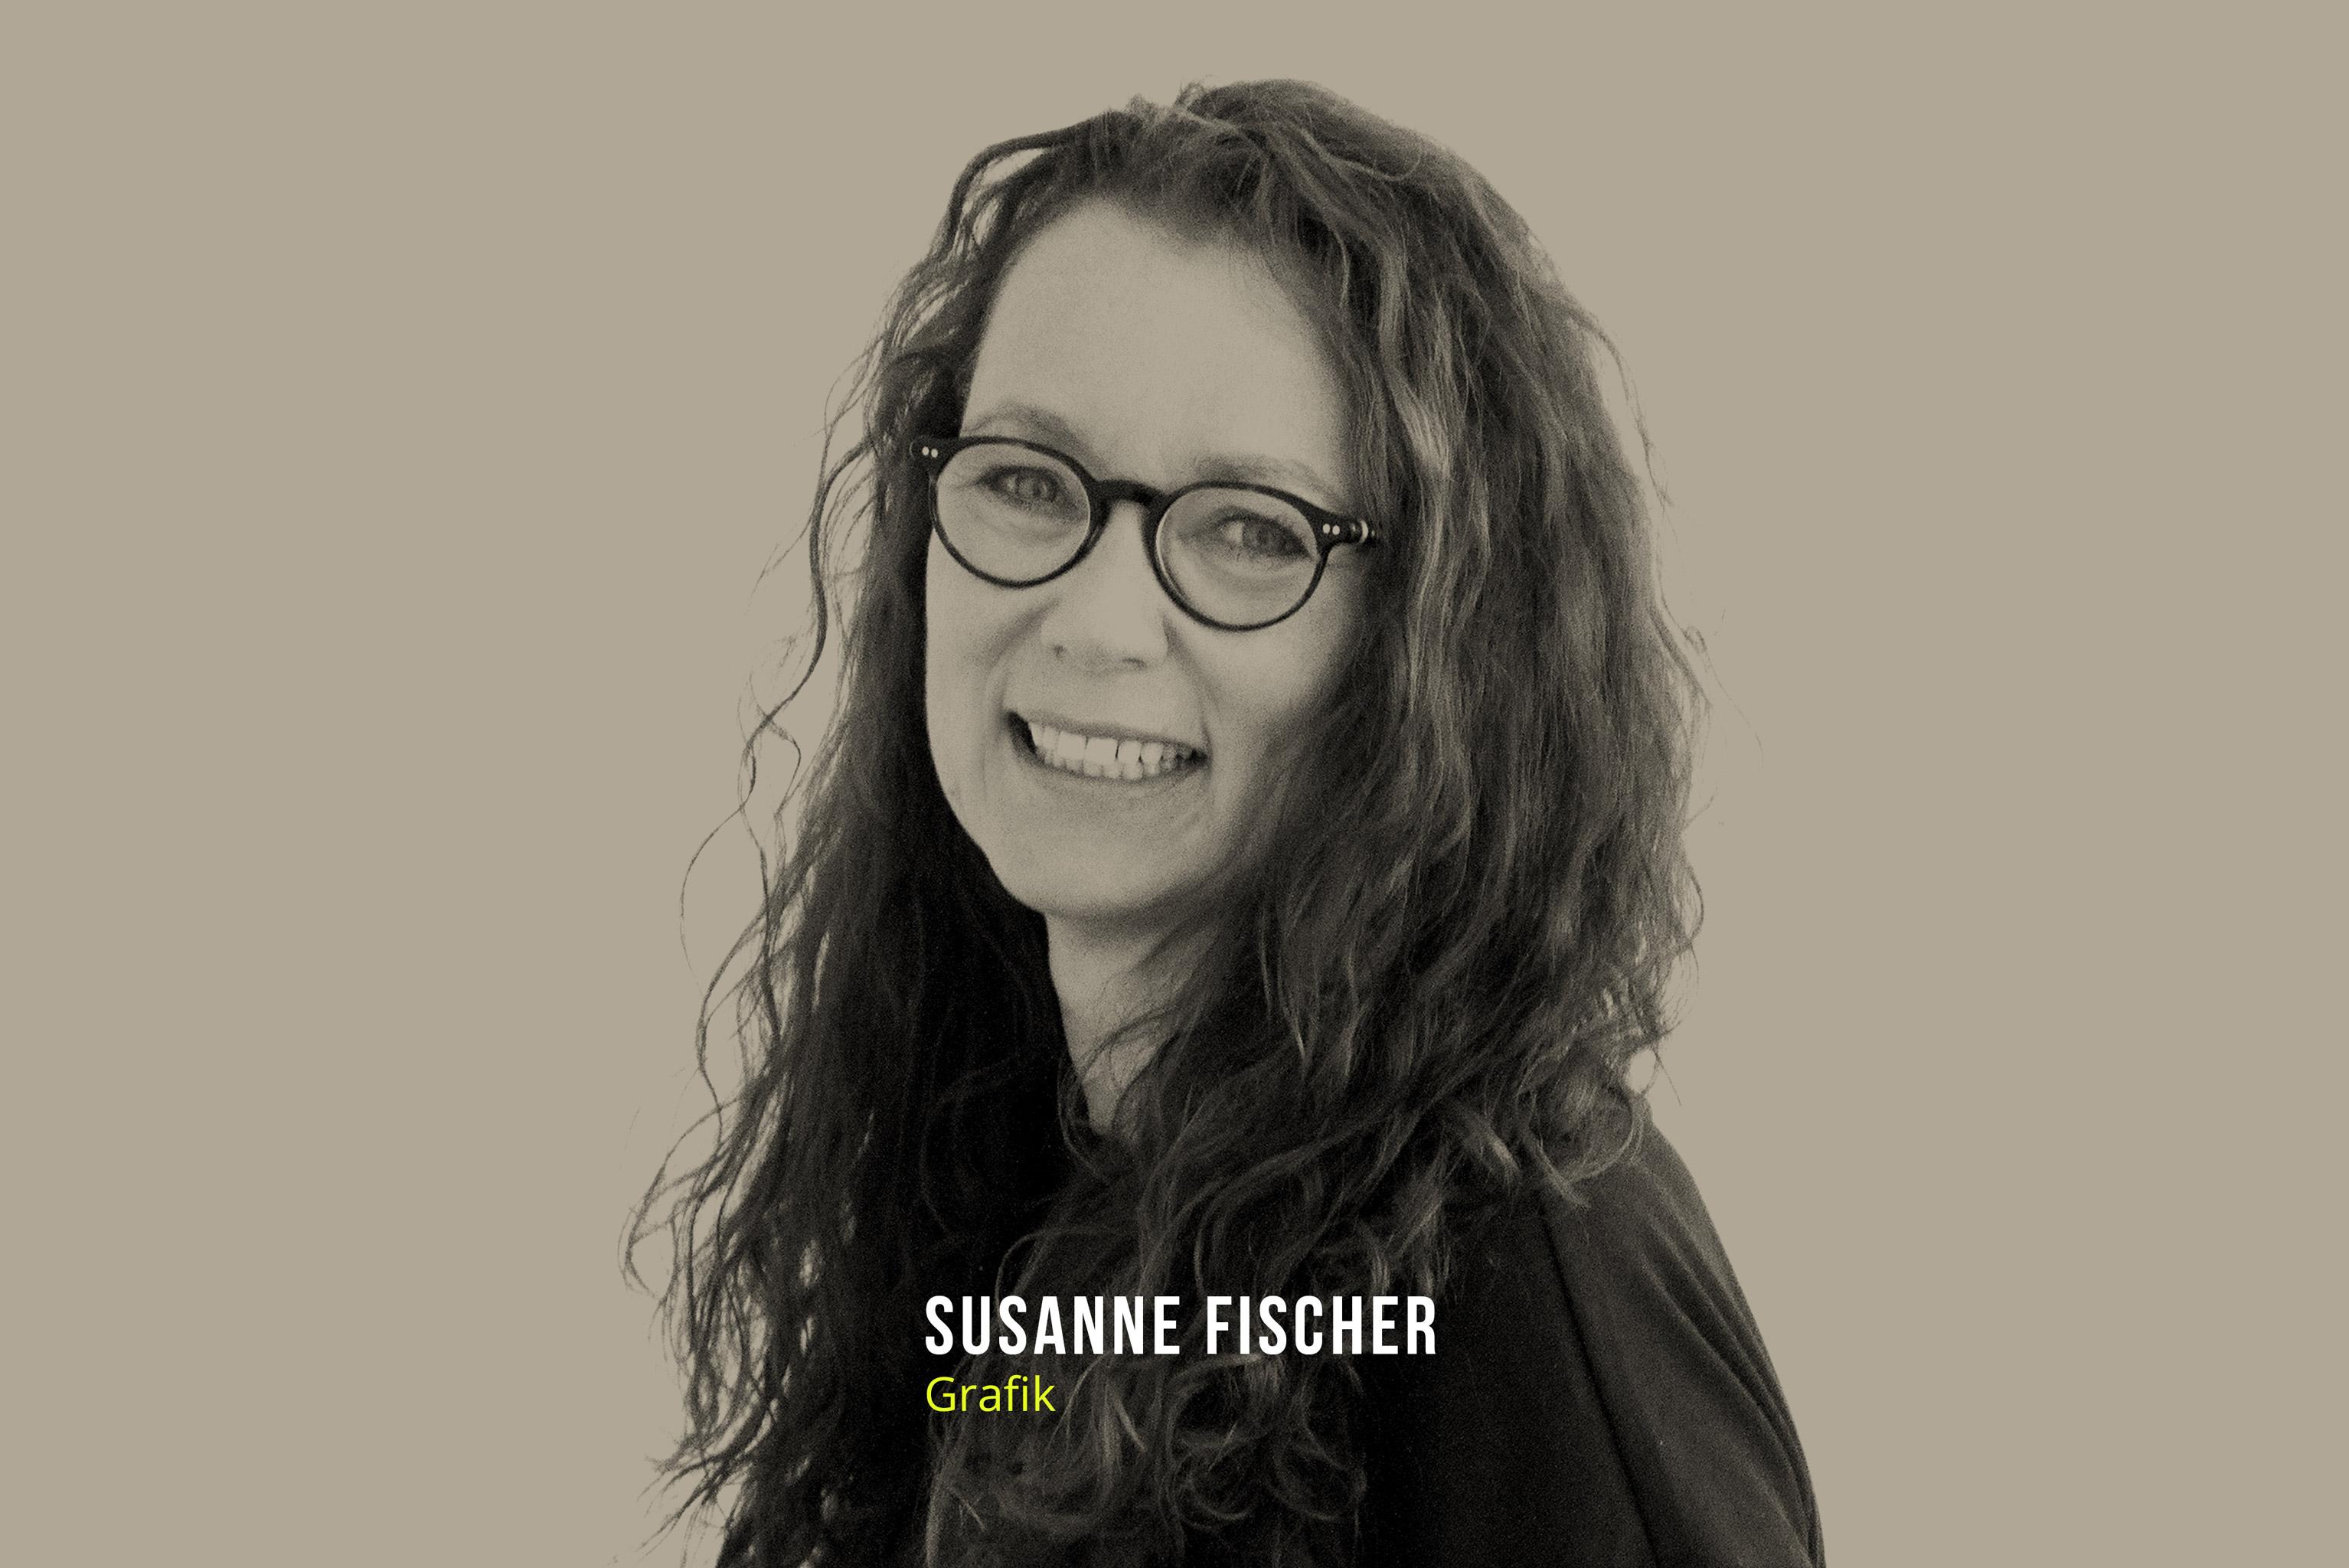 Susanne Fischer Grafik